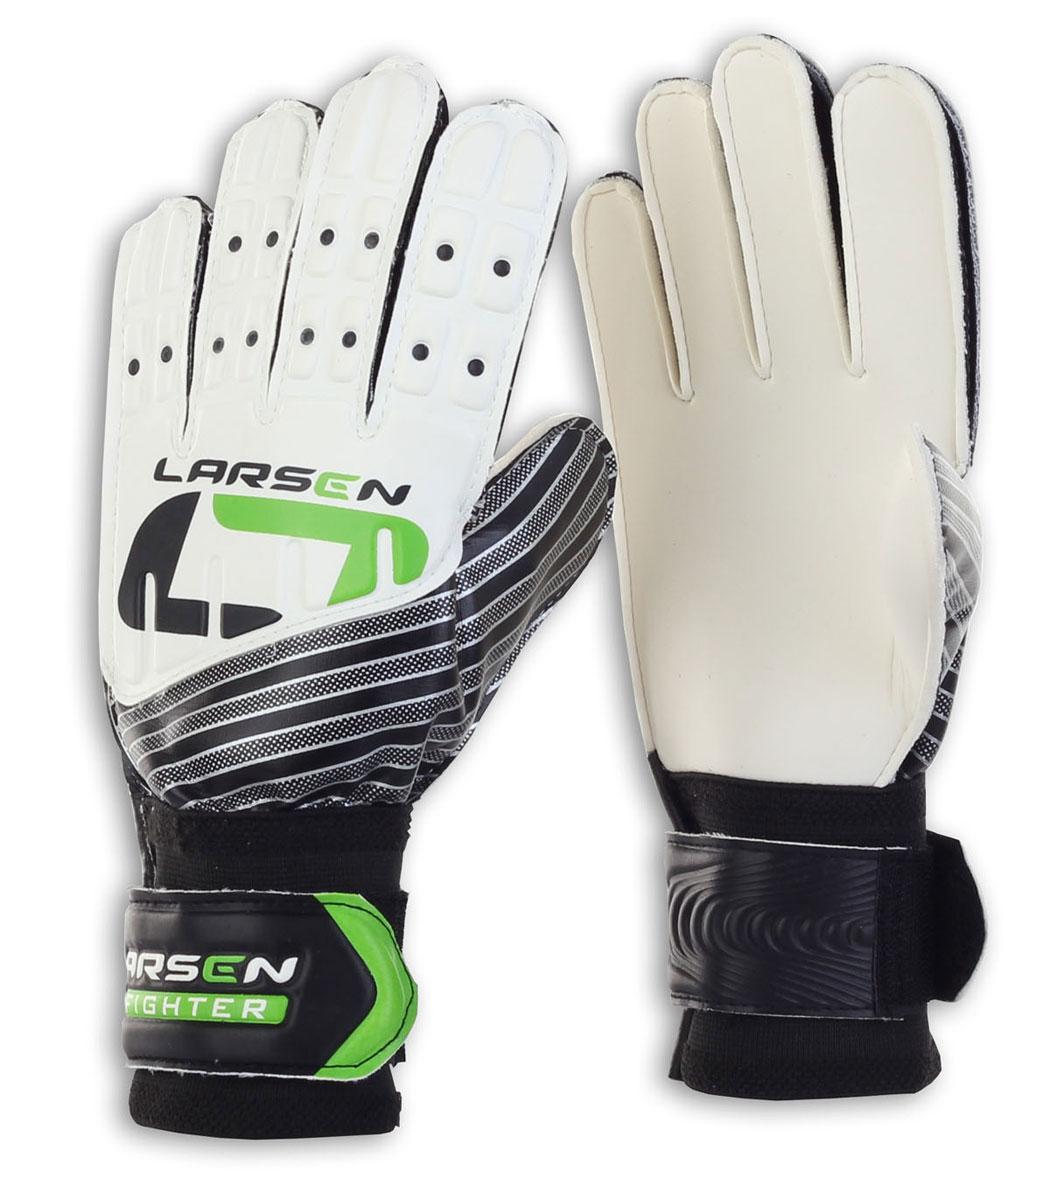 Перчатки вратарские Larsen  Fighter , цвет: черный, зеленый. Размер 6 - Футбол